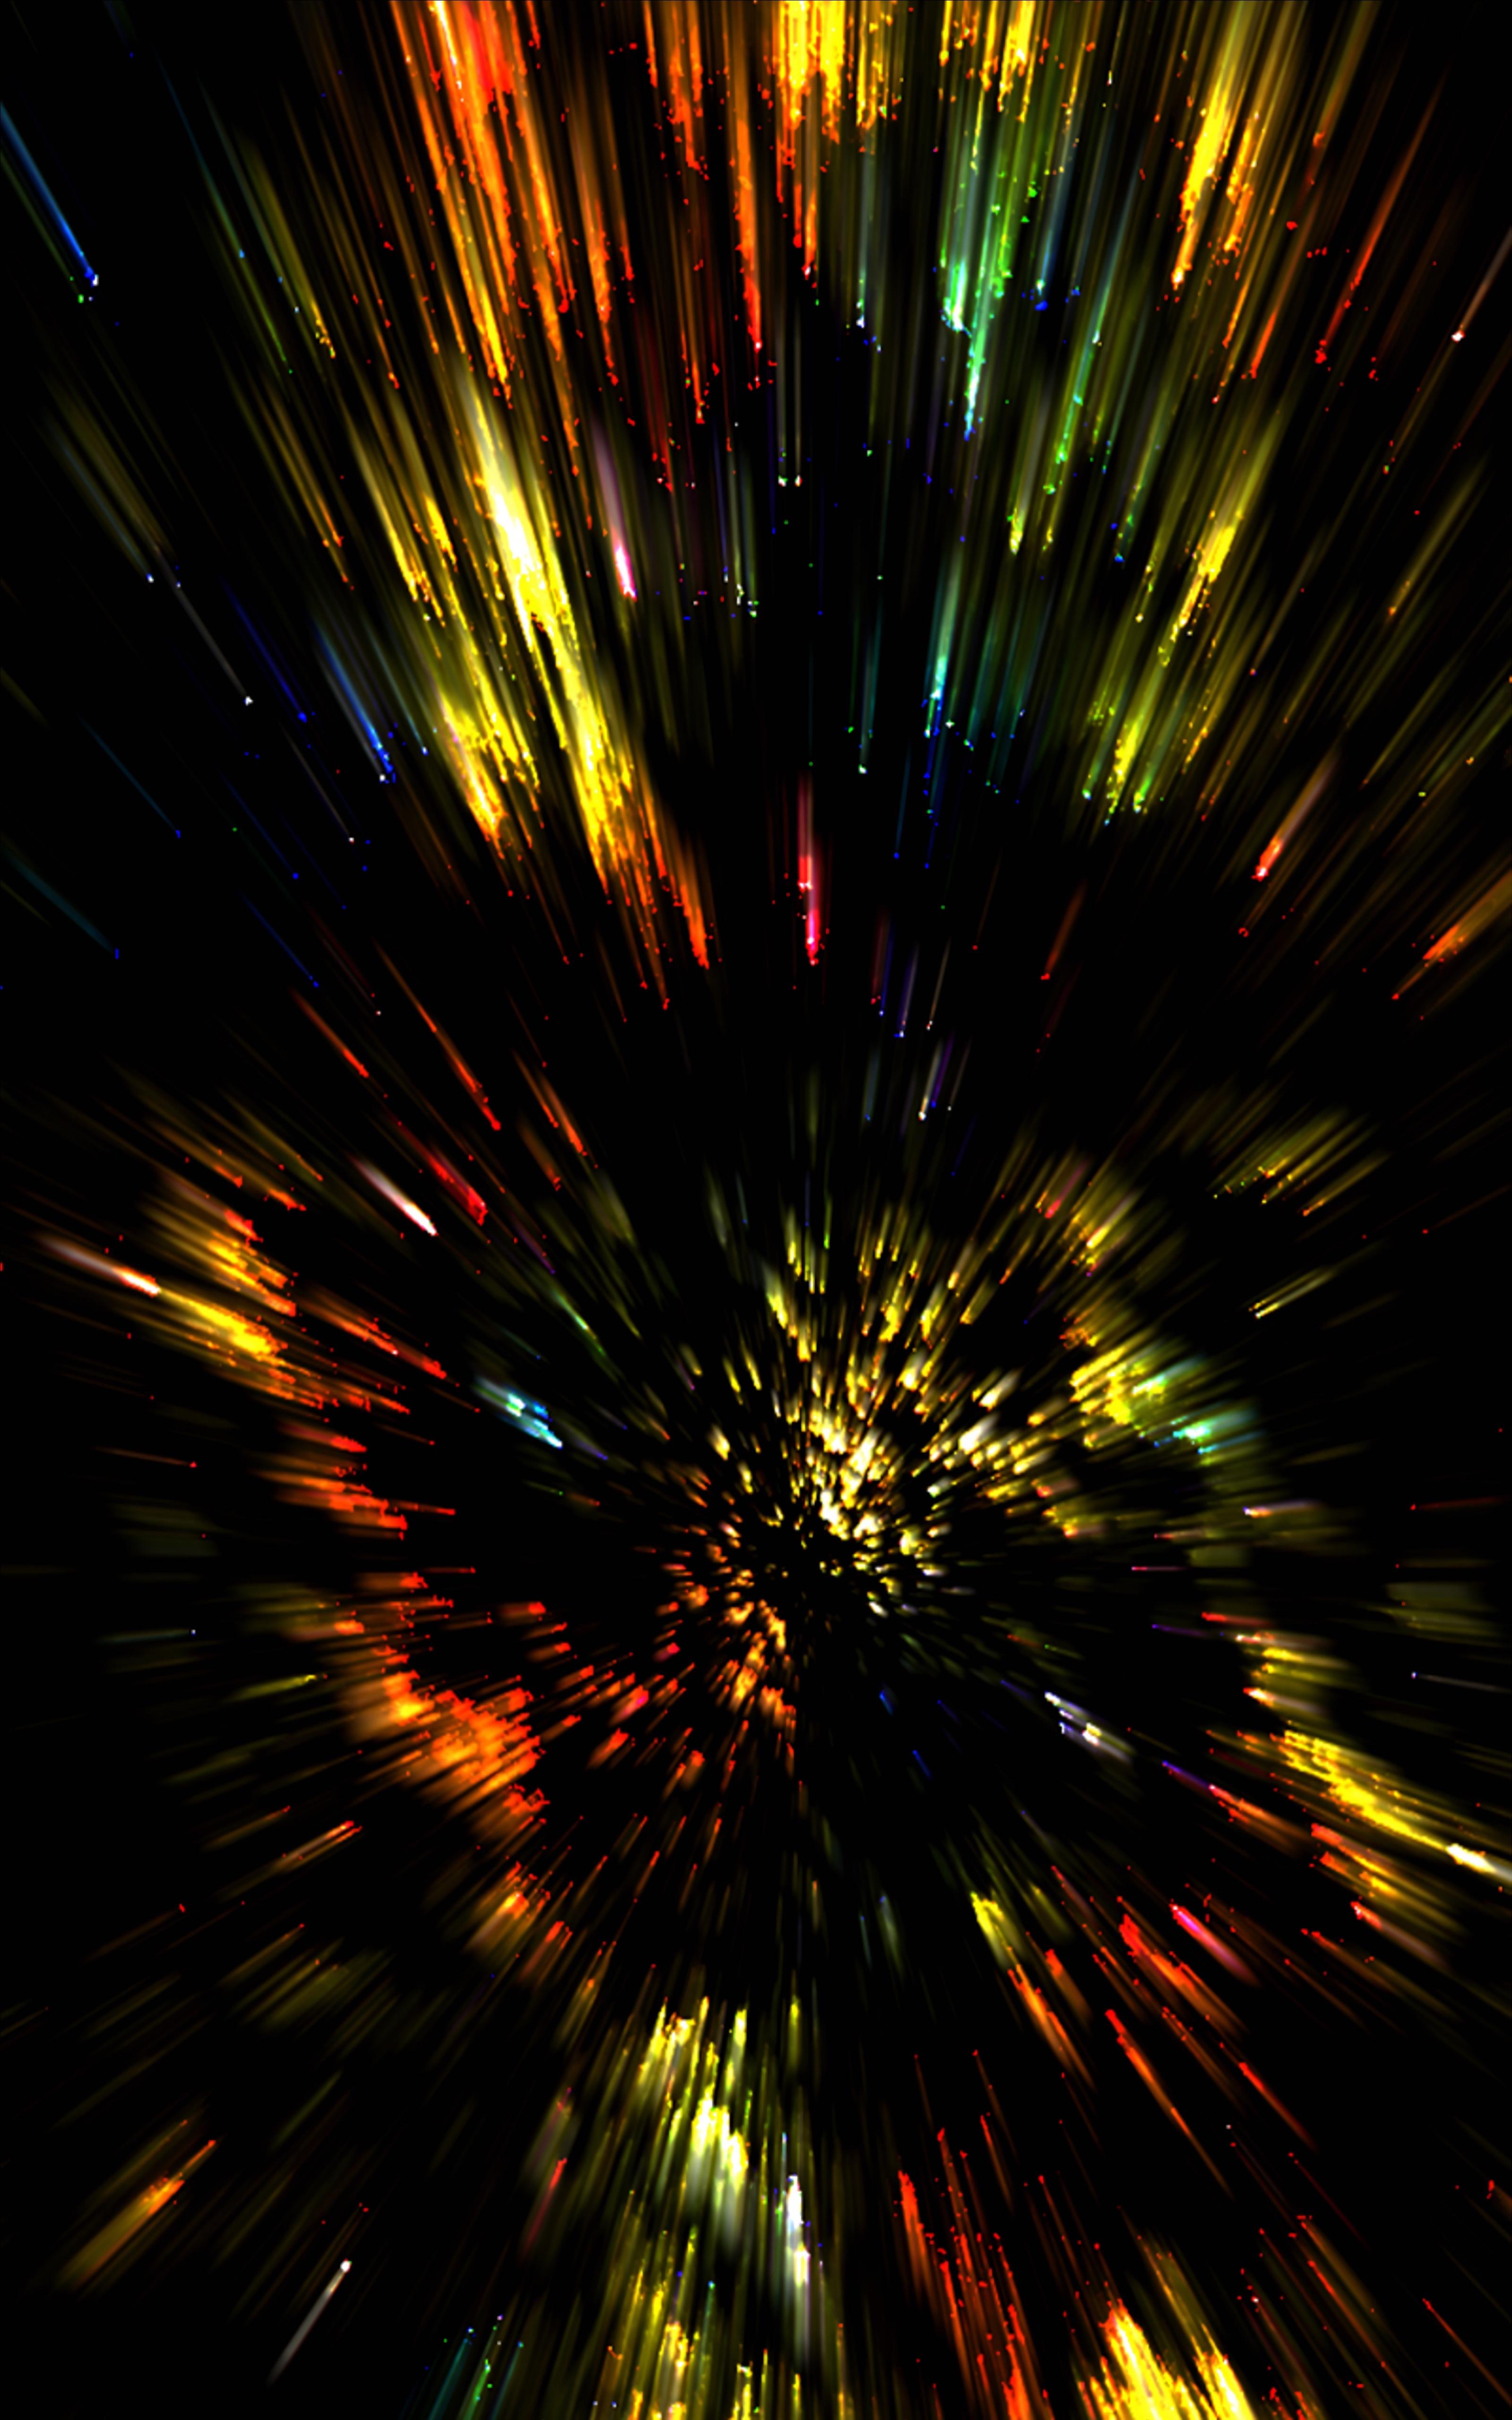 52835 скачать обои Абстракция, Искры, Яркие, Вспышка, Разноцветные, Рассеивание - заставки и картинки бесплатно